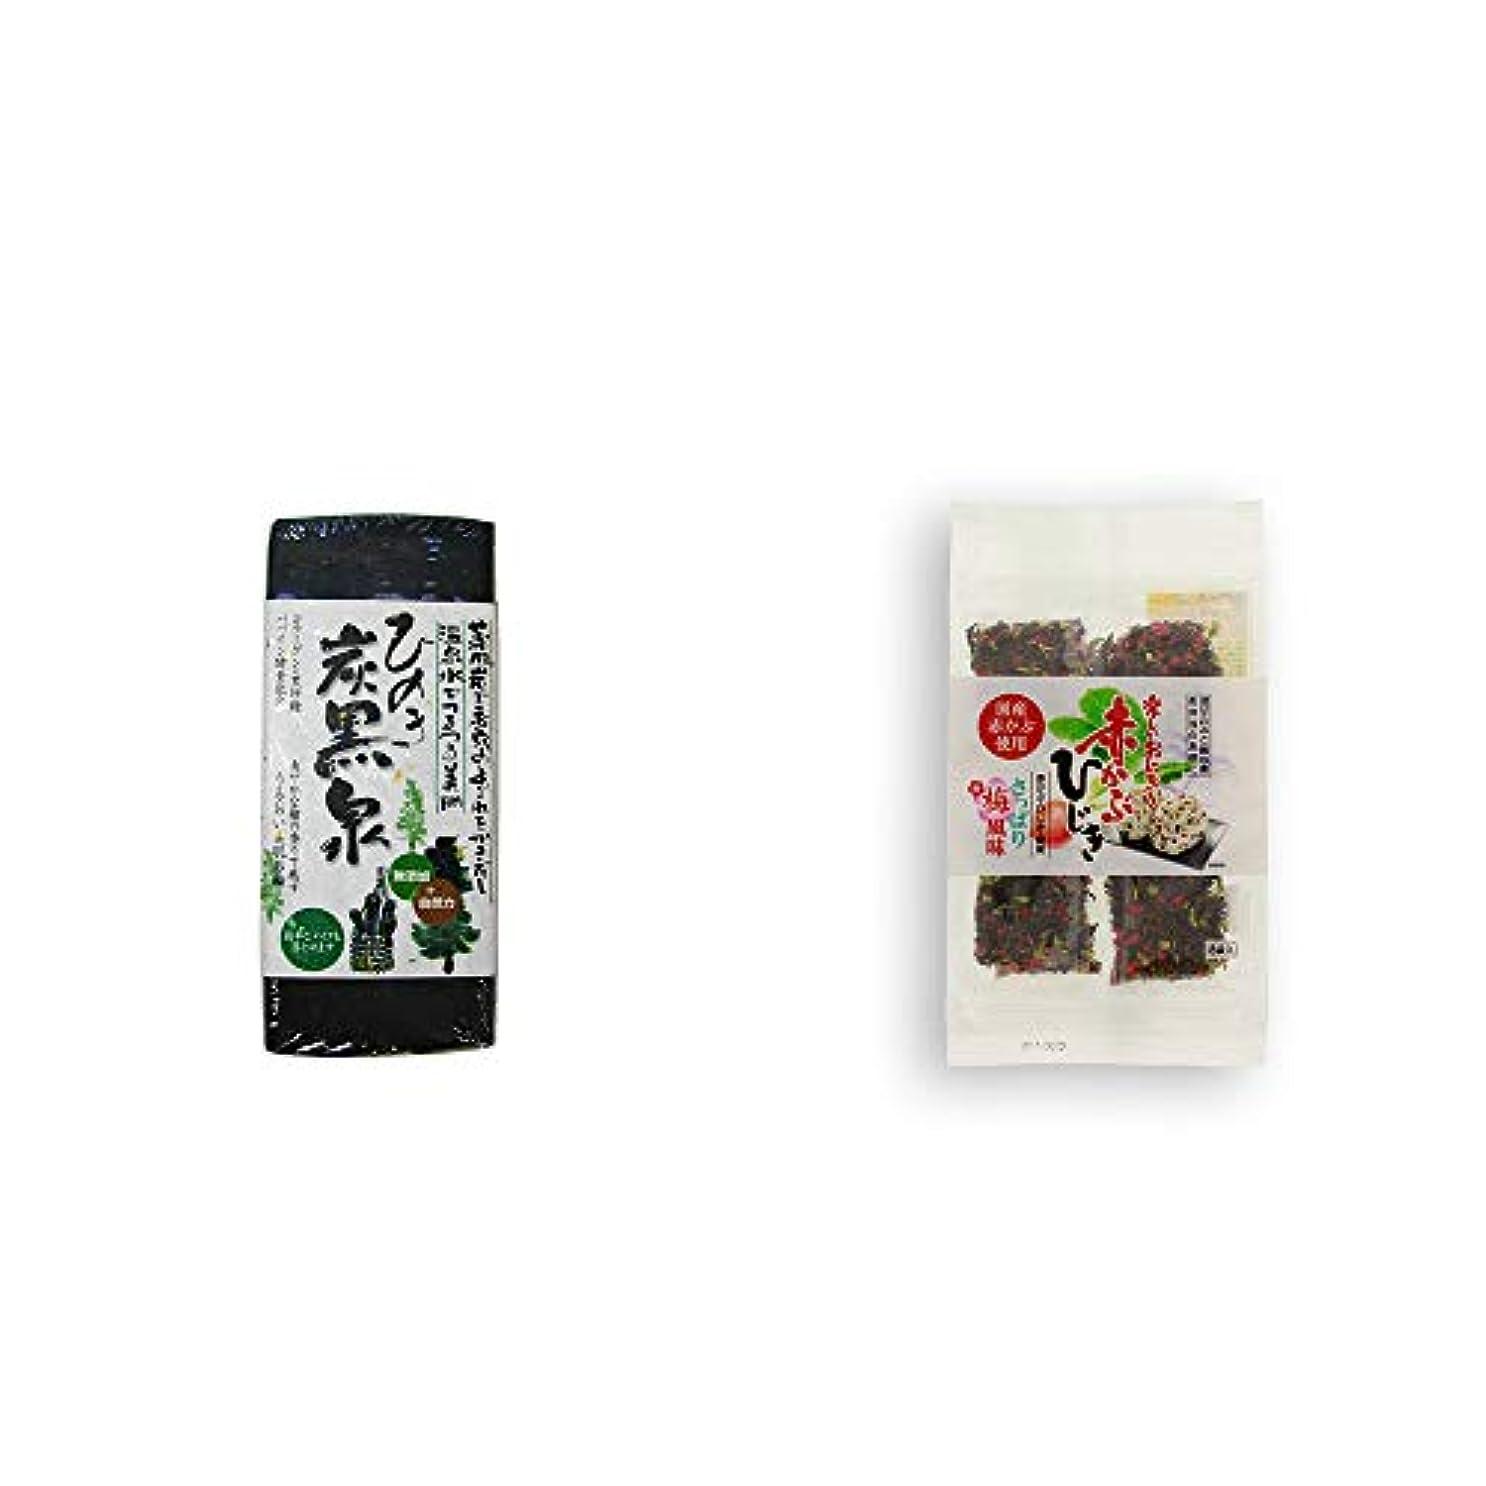 繁雑甘美なラック[2点セット] ひのき炭黒泉(75g×2)?楽しいおにぎり 赤かぶひじき(8g×8袋)